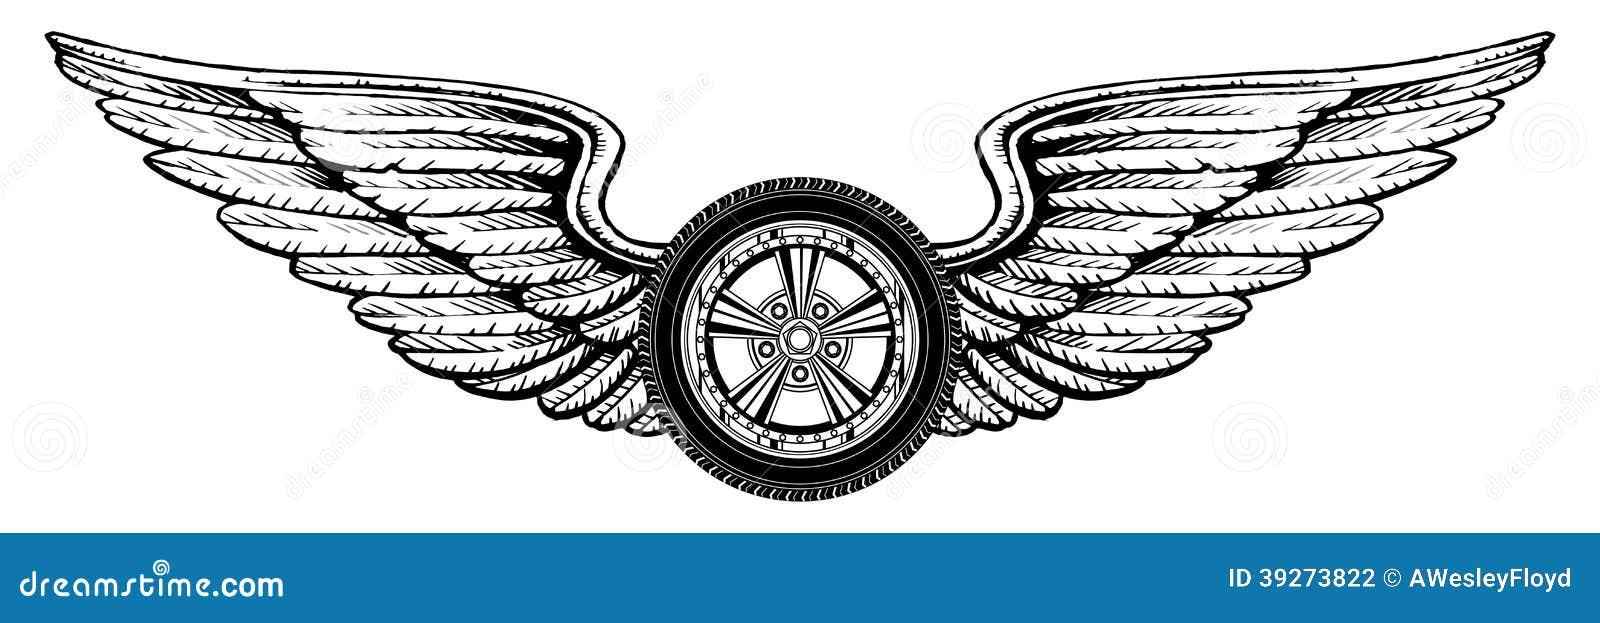 Roda com asas